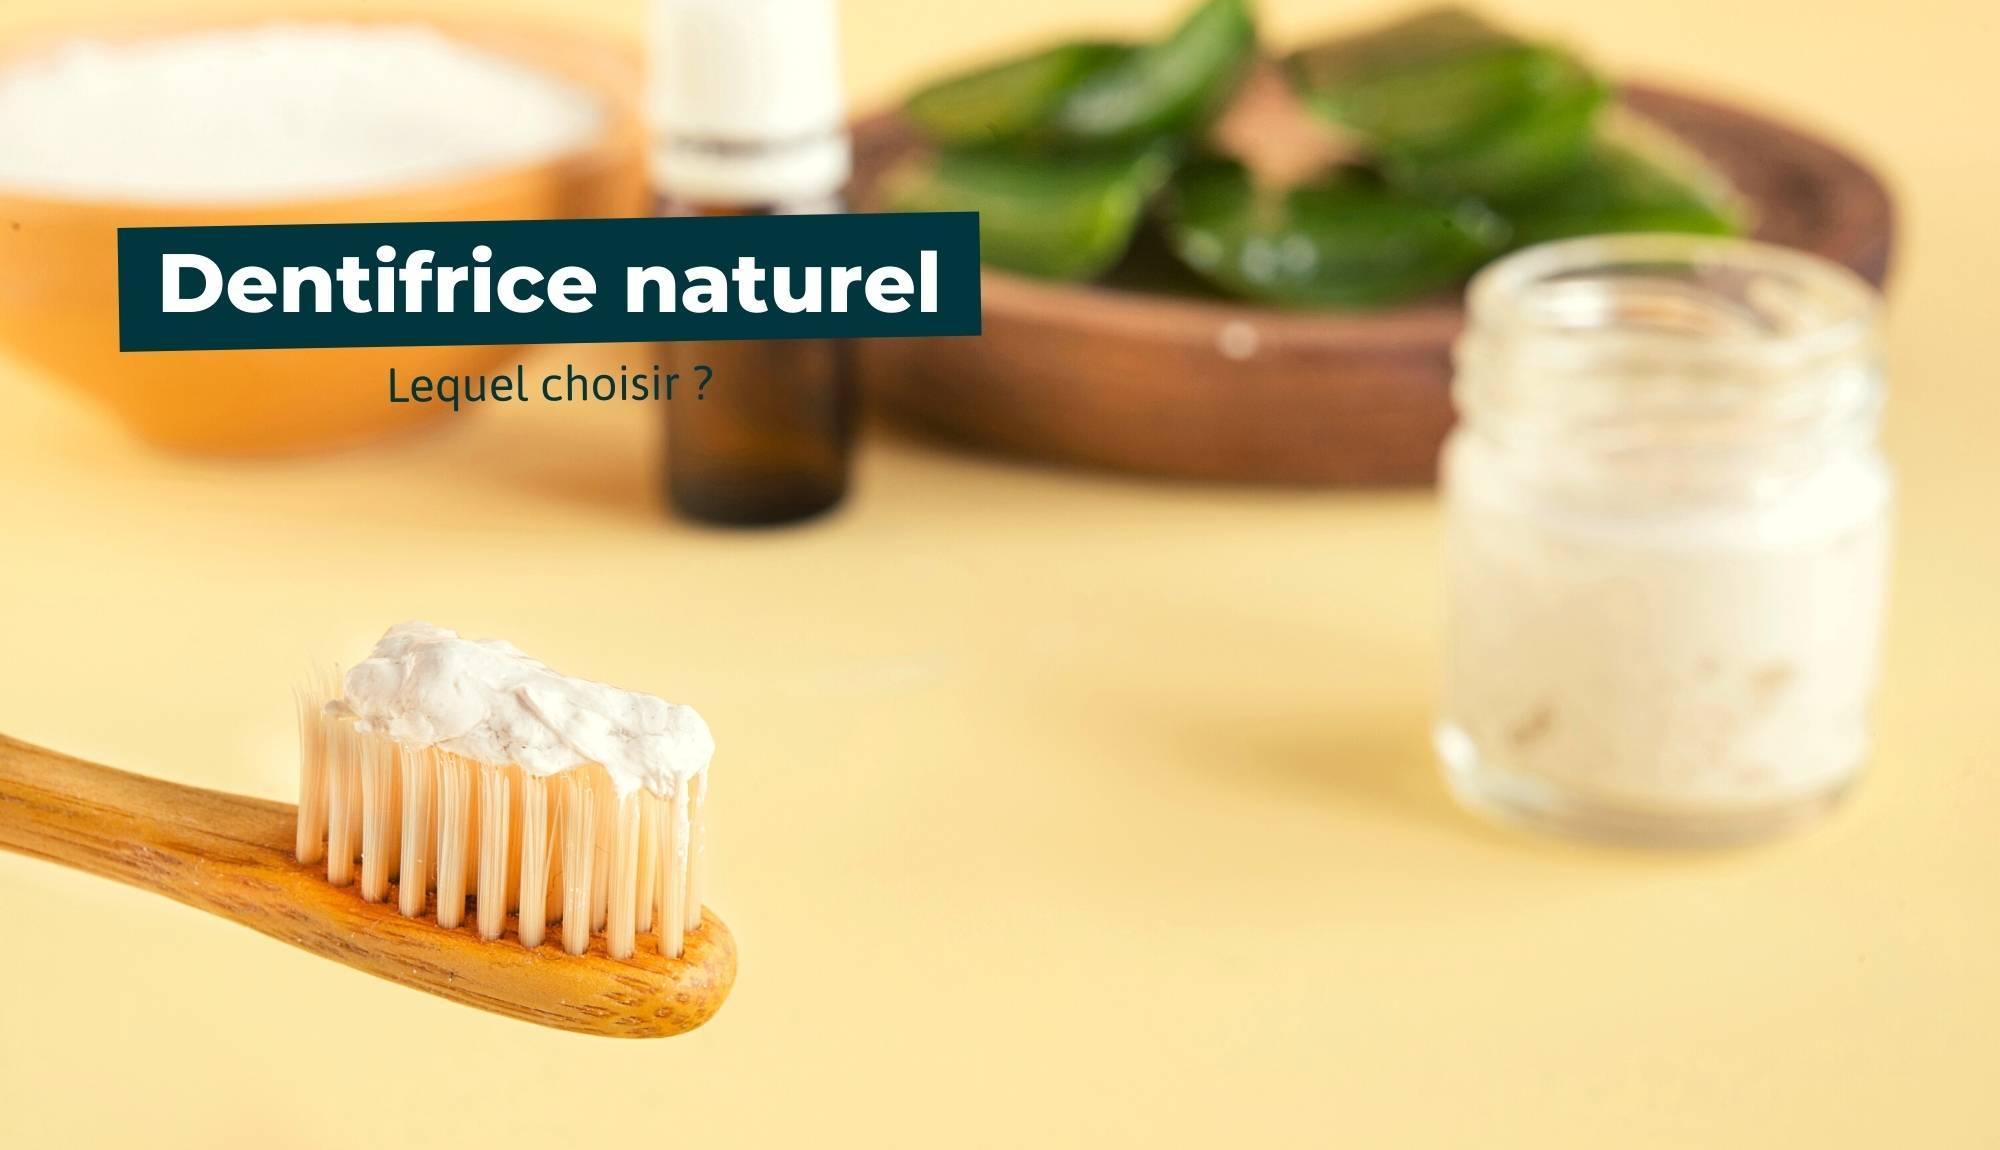 Quel dentifrice naturel choisir ?